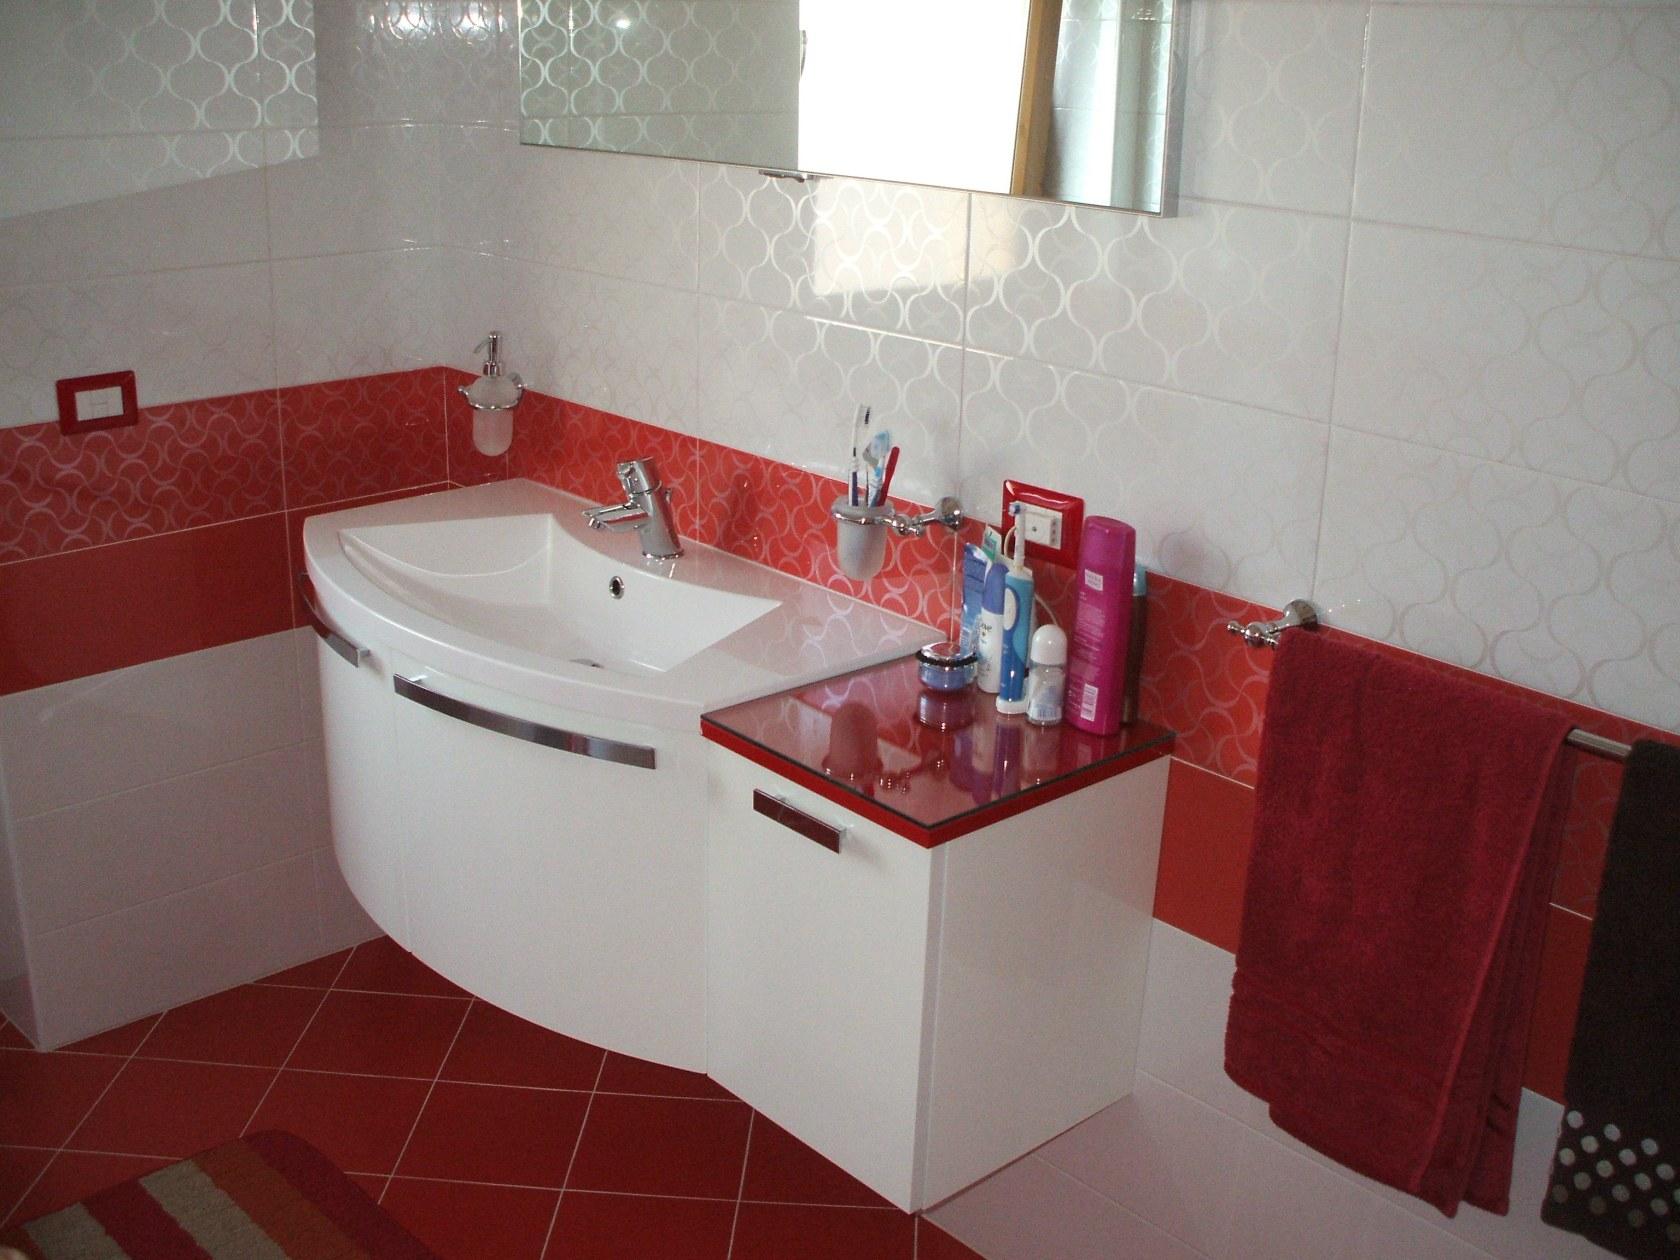 Bagno rosso e bianco  Architizer